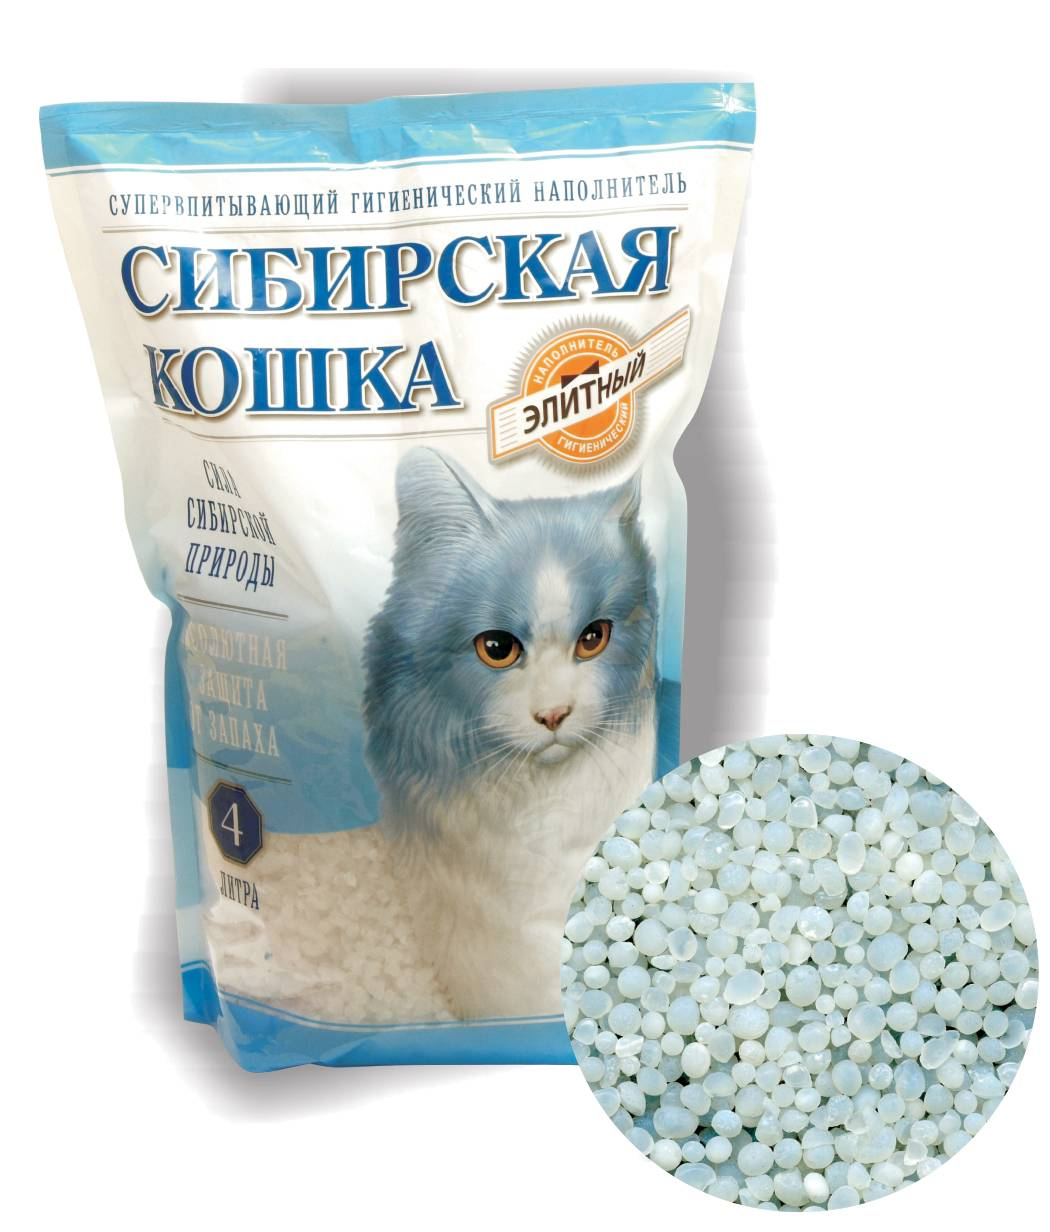 Силикагелевый наполнитель для кошачьего туалета: его особенности, преимущества и недостатки